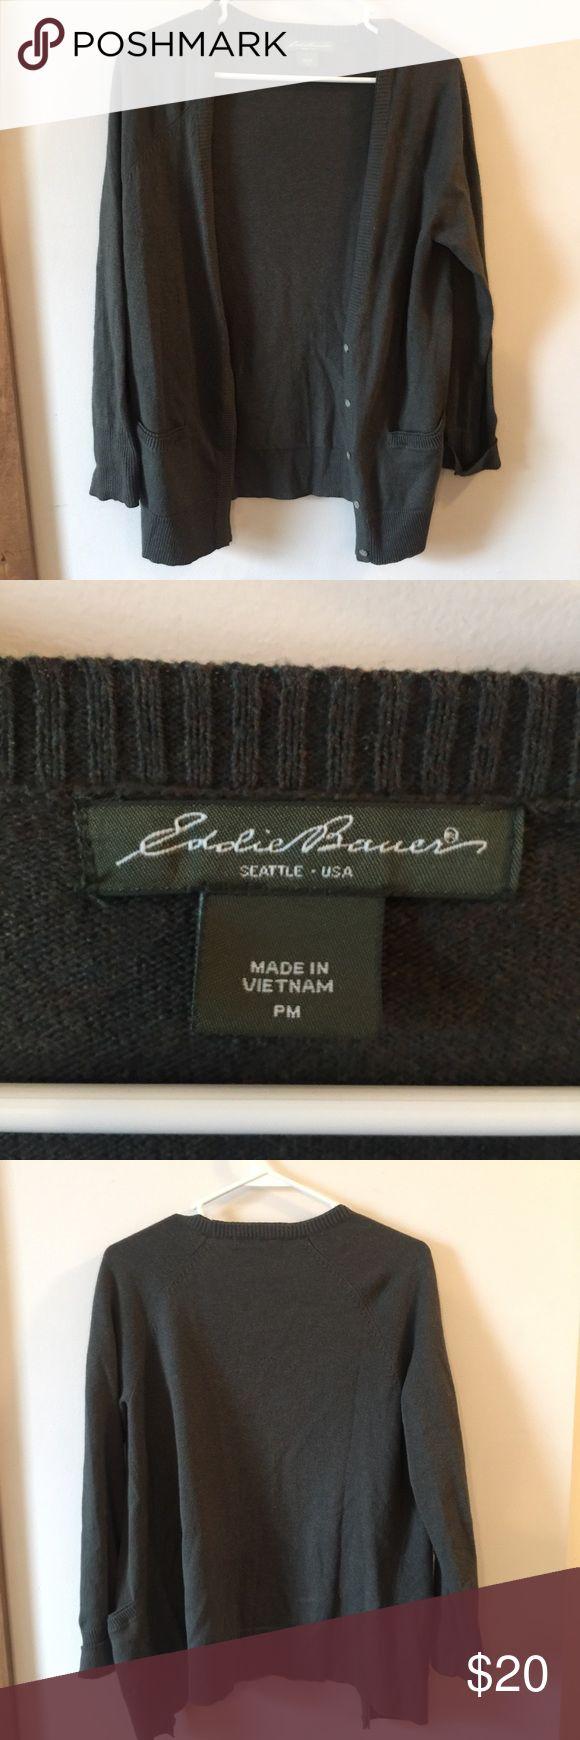 Eddie Bauer Olive Green Cardigan. SIZE MEDIUM Eddie Bauer Olive Green Cardigan. SIZE MEDIUM. Perfect condition. Eddie Bauer Sweaters Cardigans